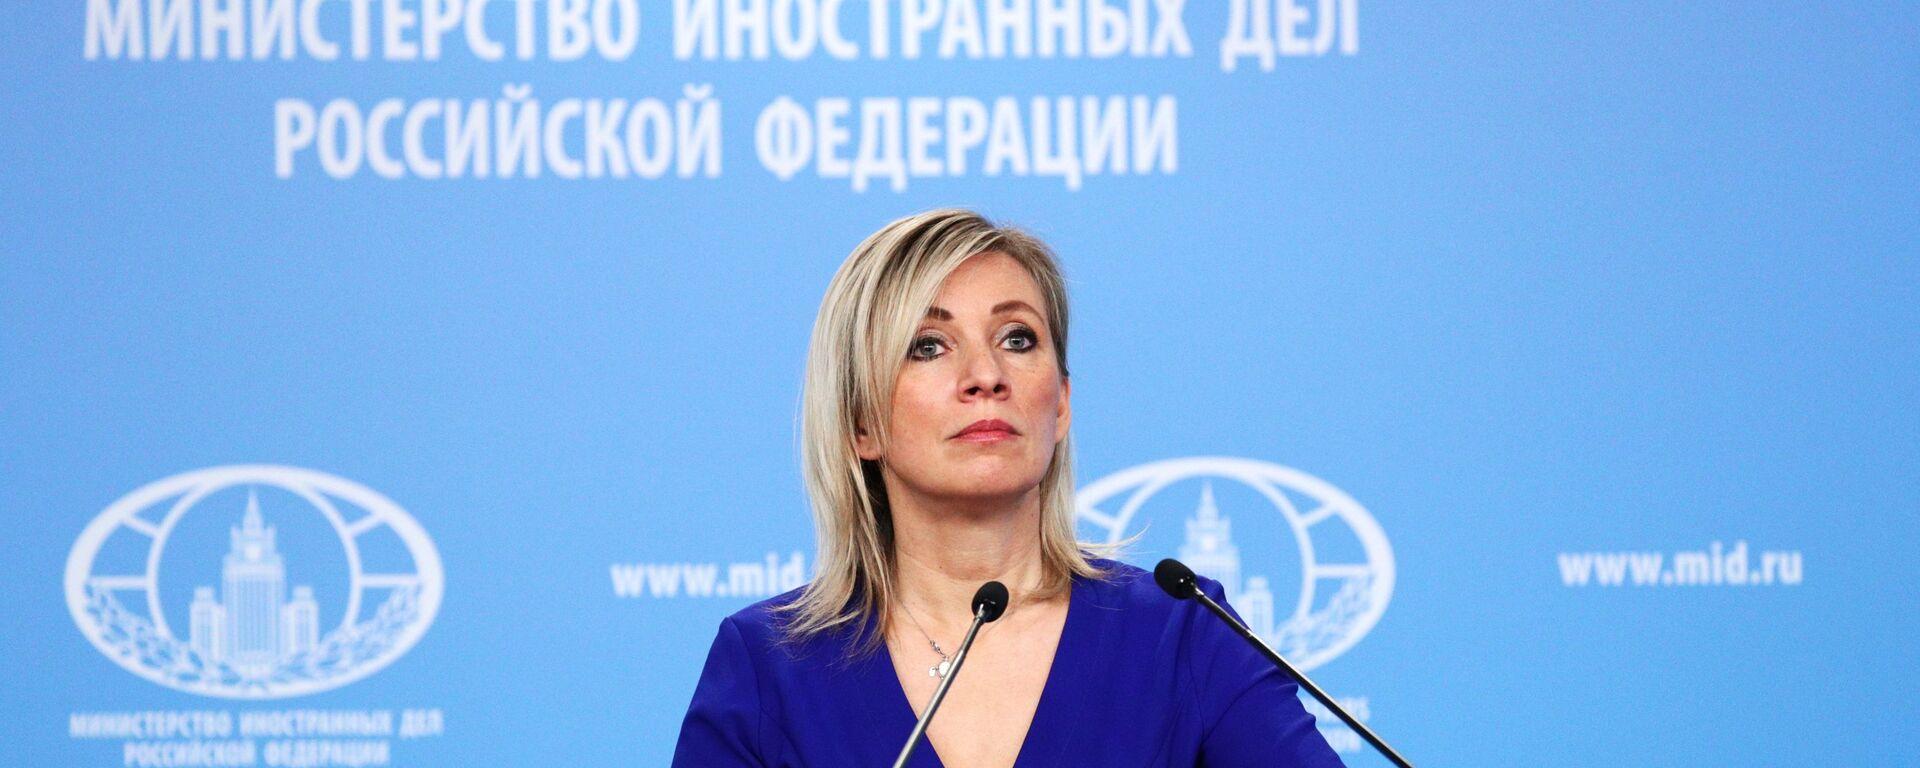 Захарова: За САД претња сви који су им конкуренција; Огромна подршка Запада несистемској опозицији - Sputnik Србија, 1920, 04.03.2021